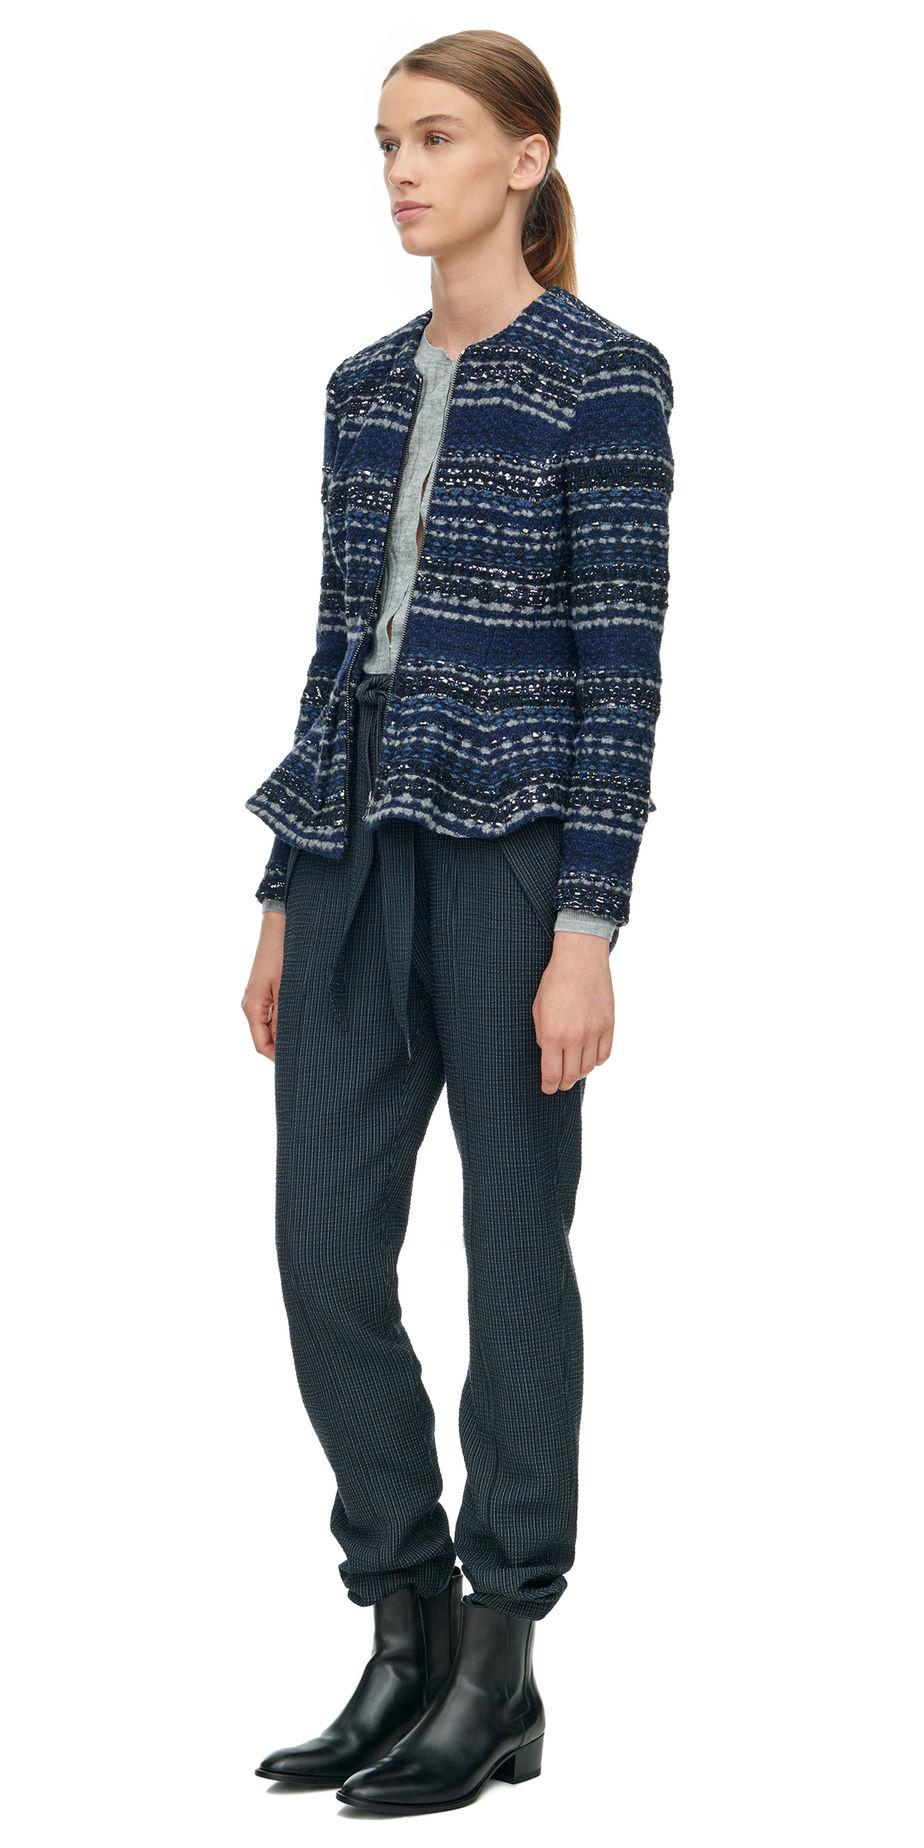 blue-navy-joggers-pants-black-shoe-booties-pony-hairr-tweed-blue-navy-jacket-lady-fall-winter-weekend.jpg